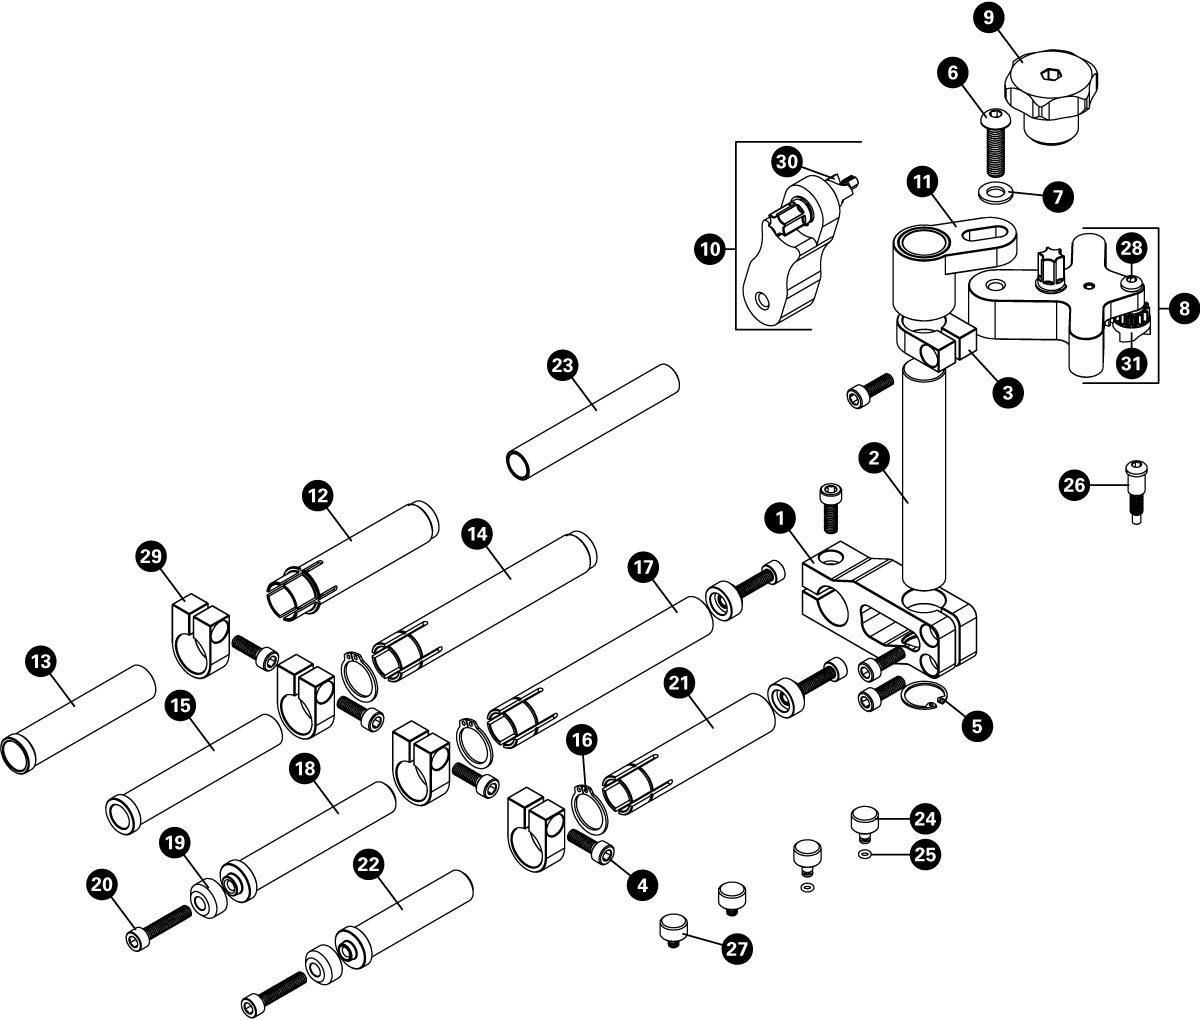 Parts diagram for DT-5.2 Disc Brake Mount Facing Set, click to enlarge